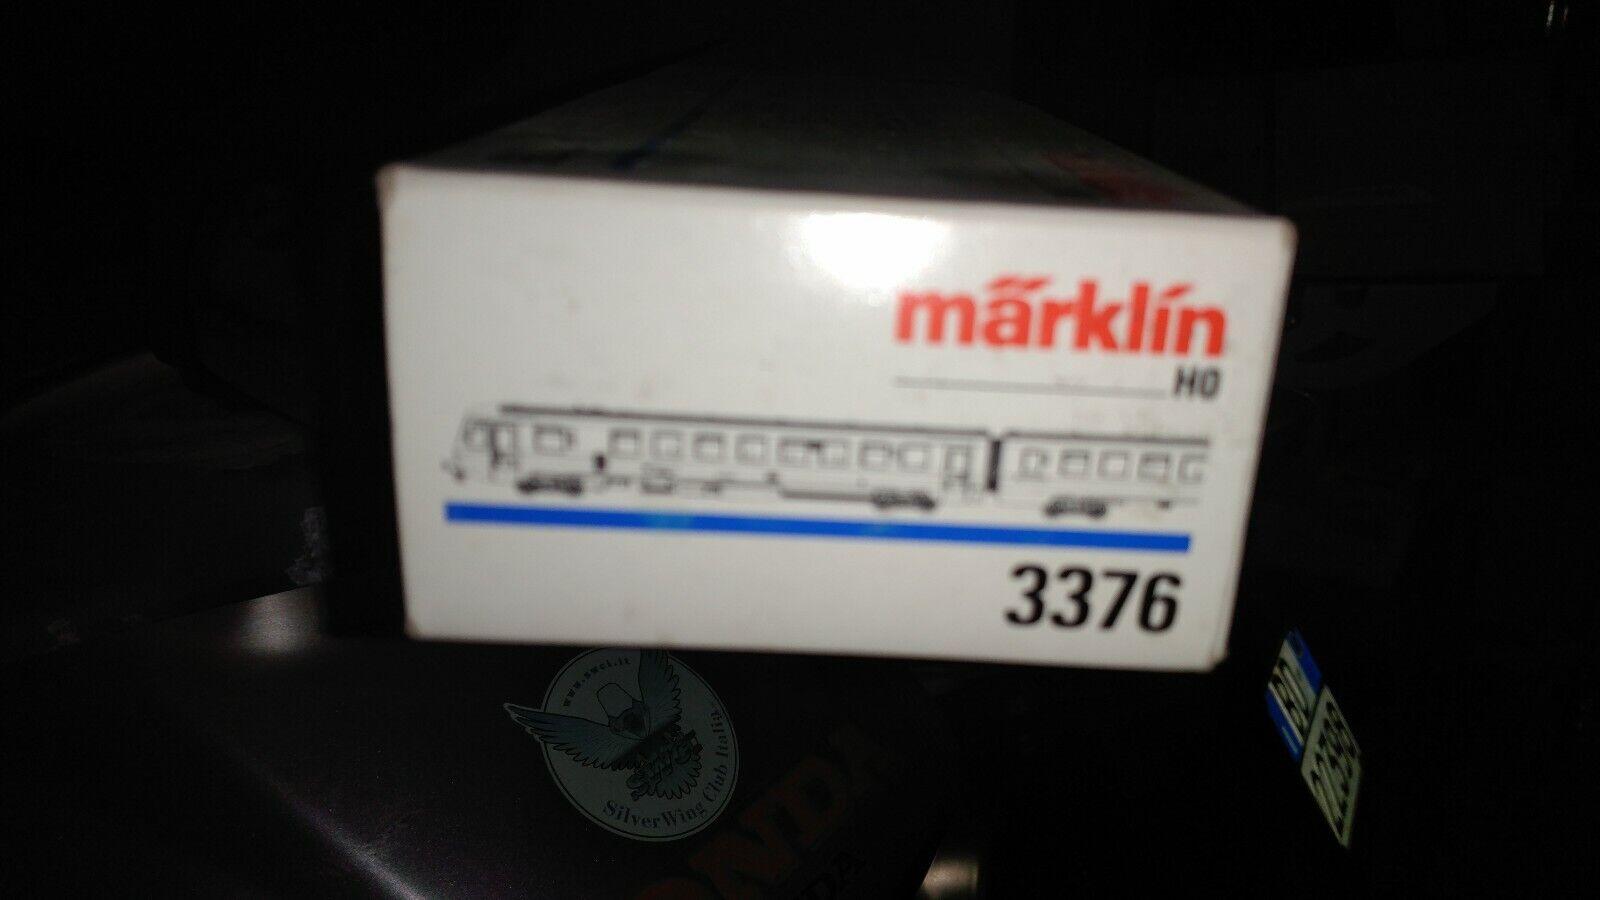 MARKLIN 3376 NUOVO IN SCATOLO ORIGINALE